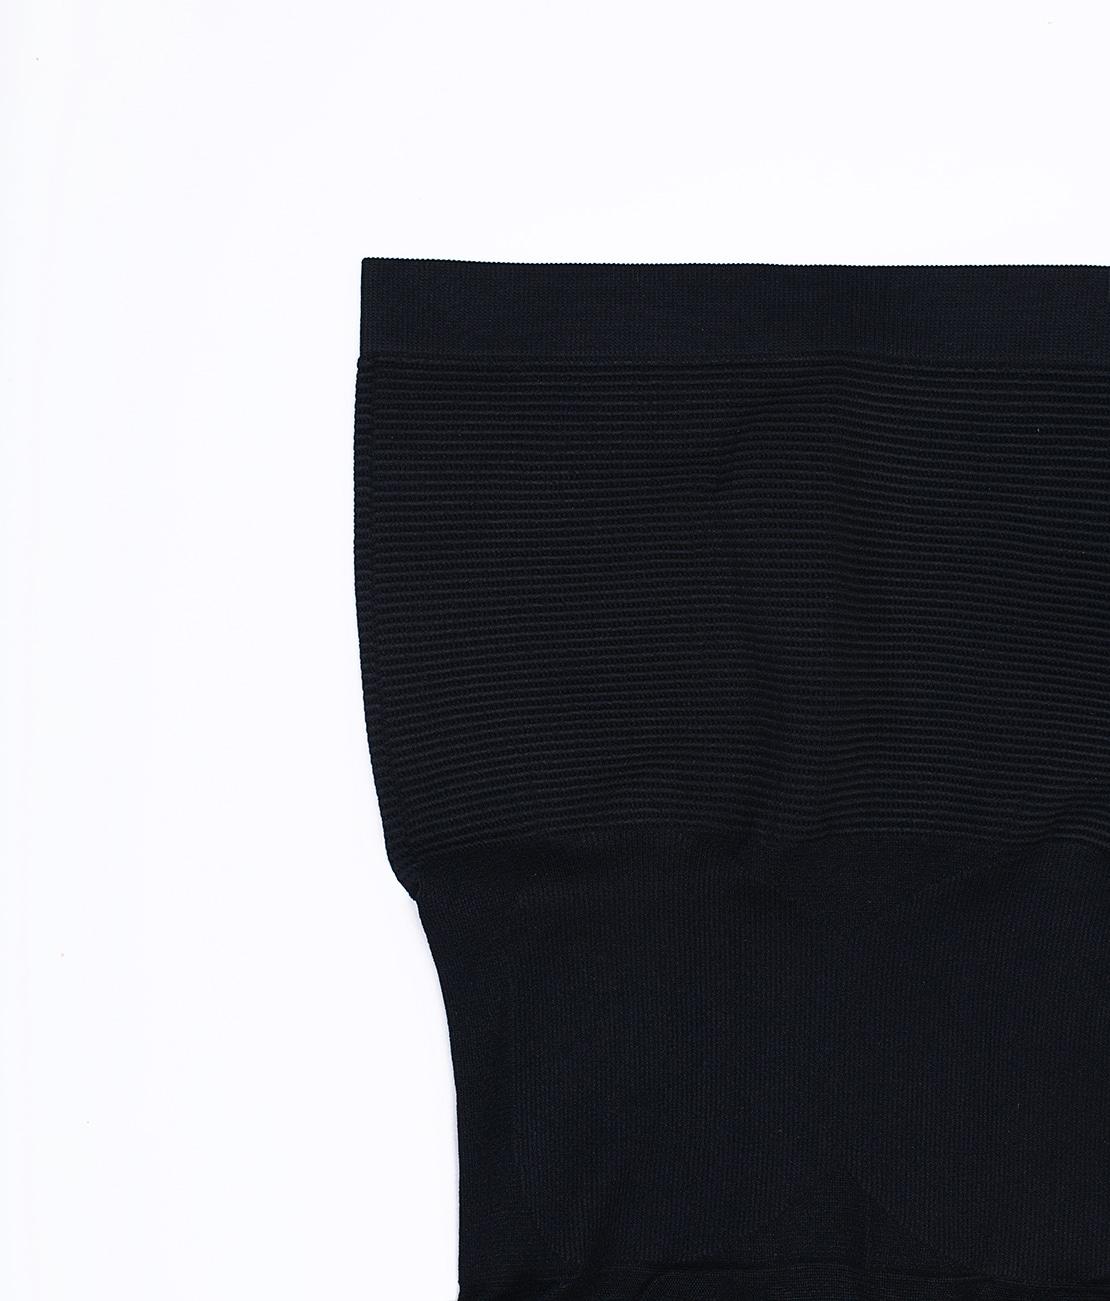 Culotte Ventre Plat et Top Sculptant Noire Packshot Culotte Detail 3